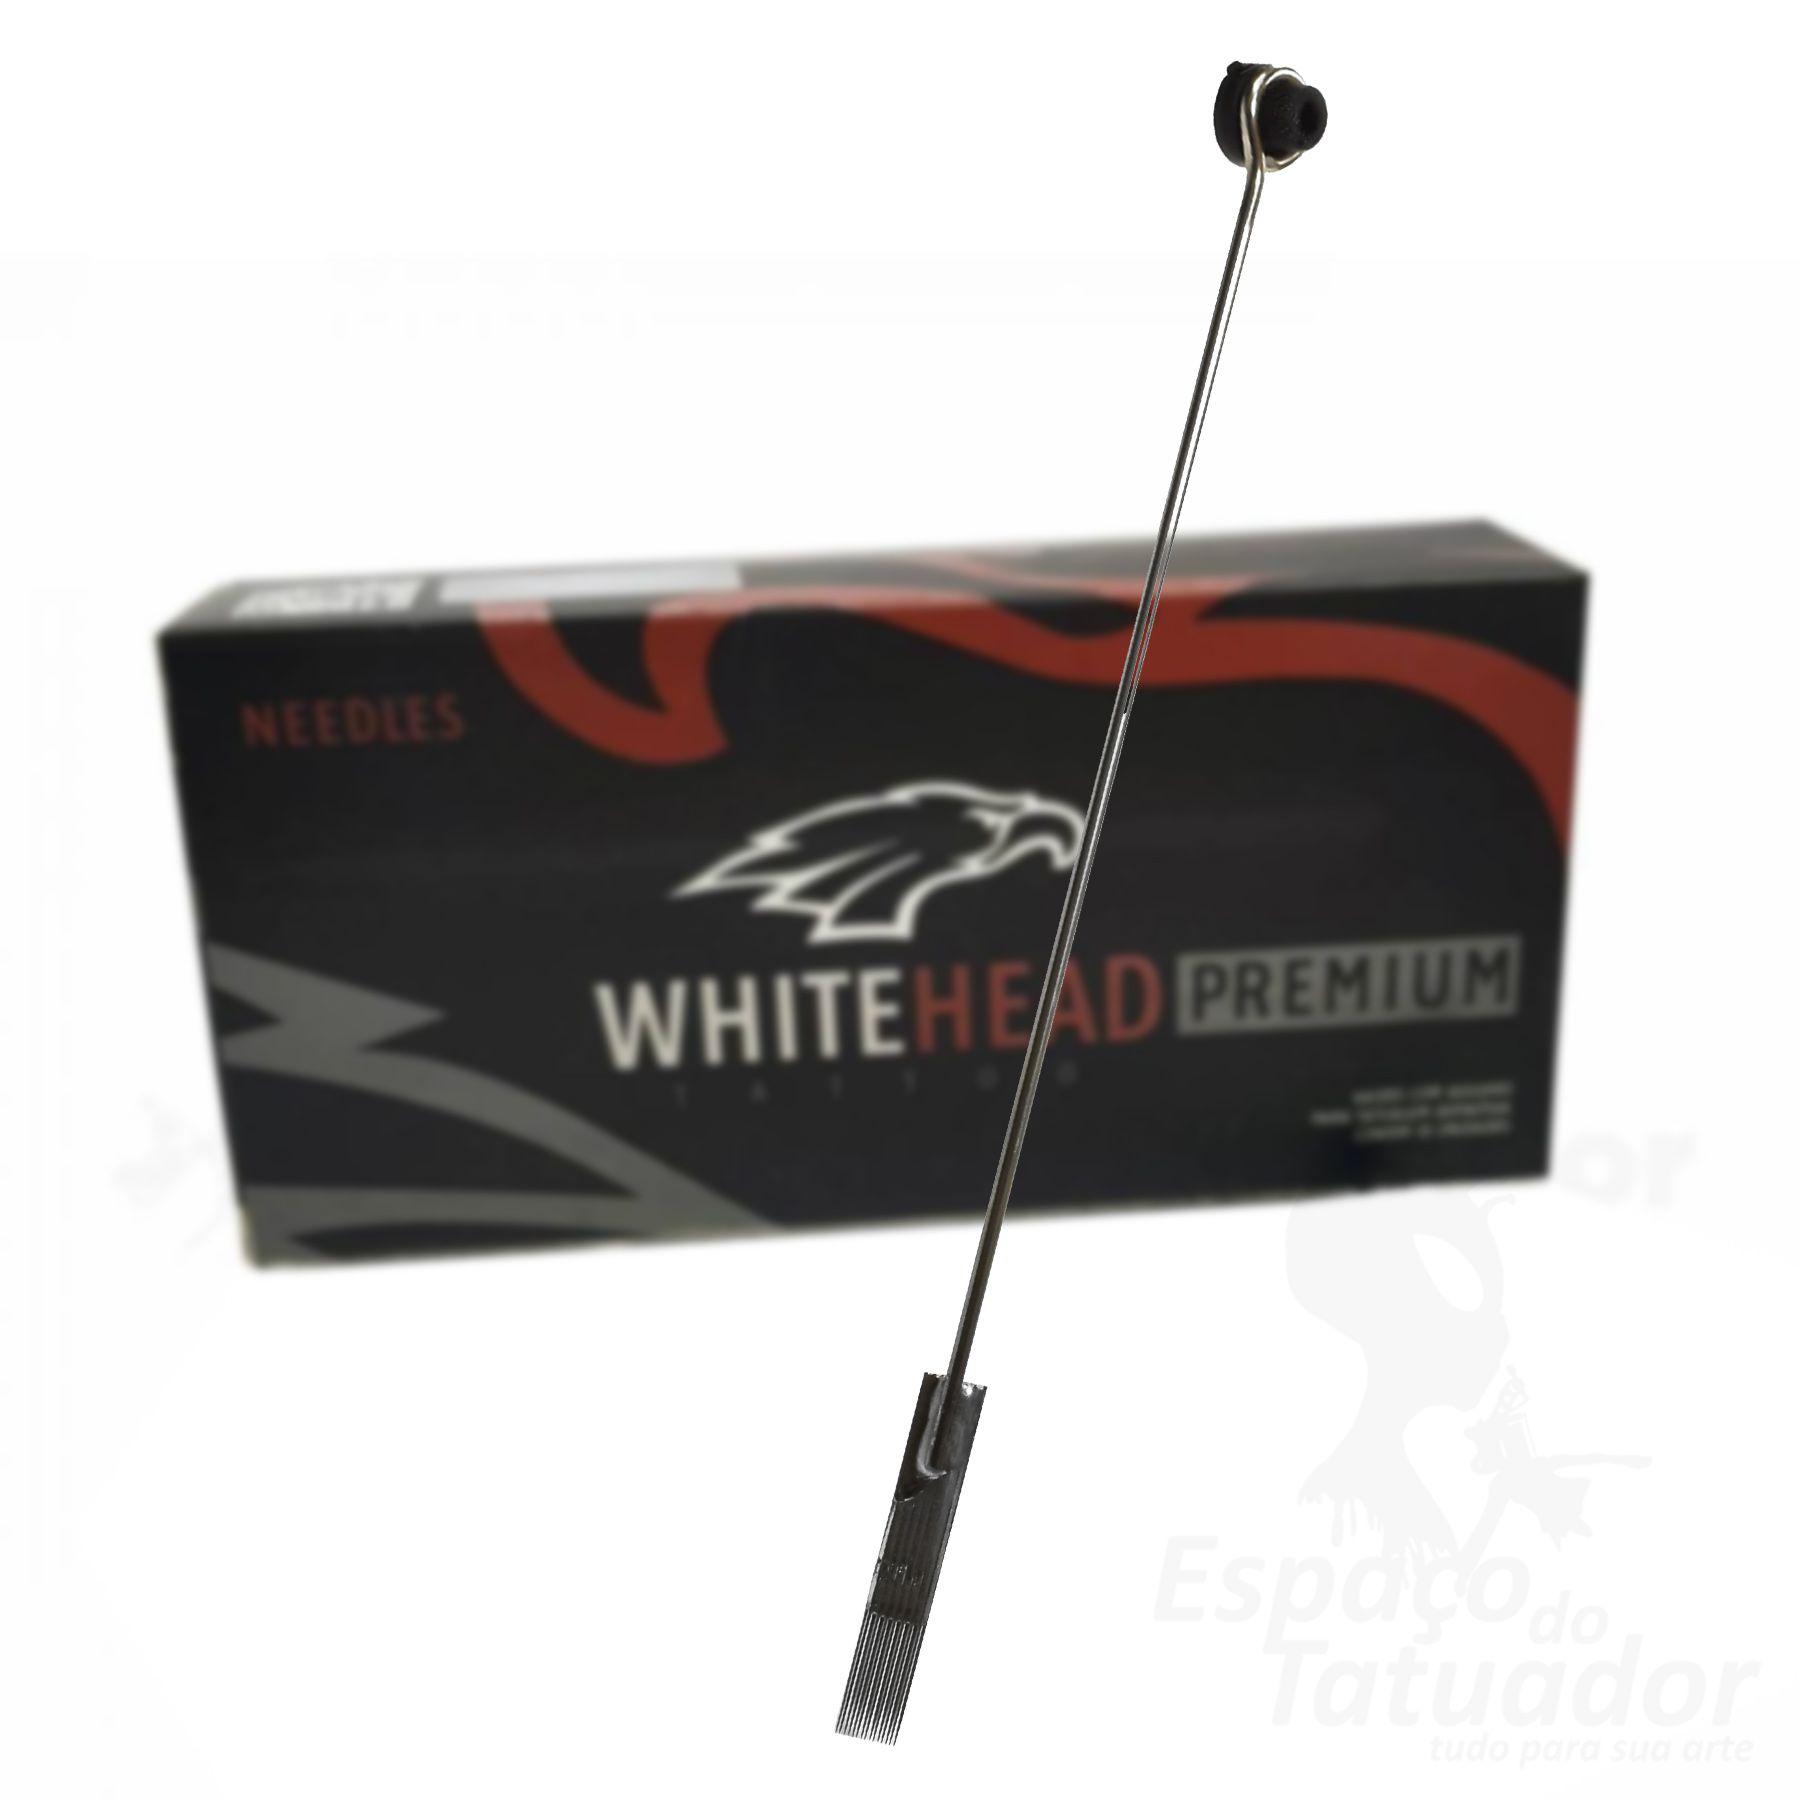 Agulha White Head Premium - MG 09 - Caixa com 50 unidades